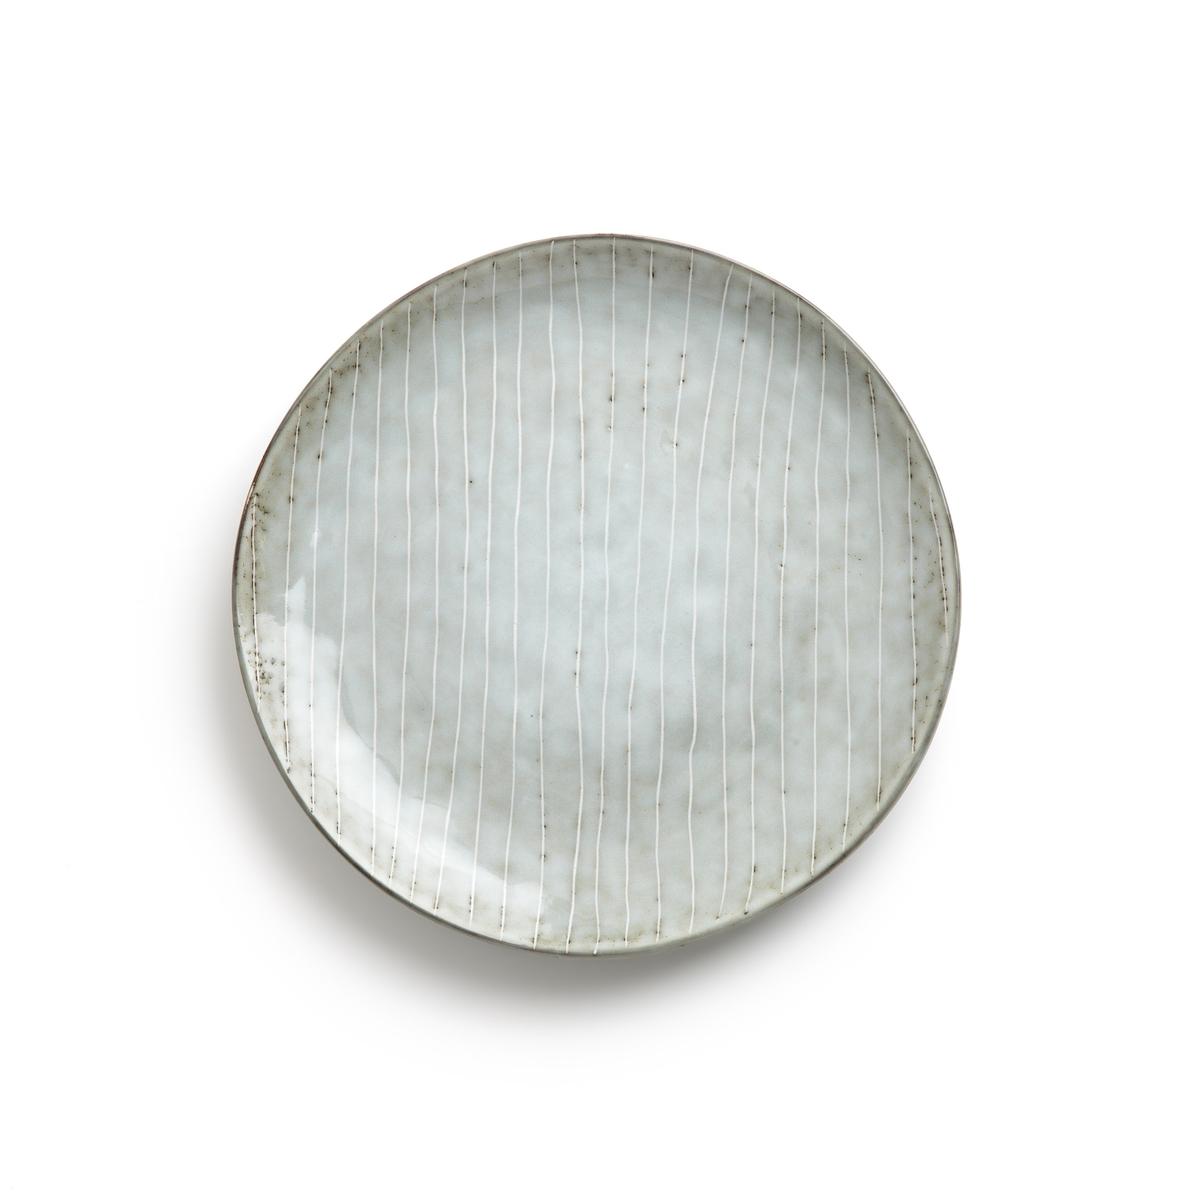 Комплект из 4 десертных тарелок из керамики, Amedras